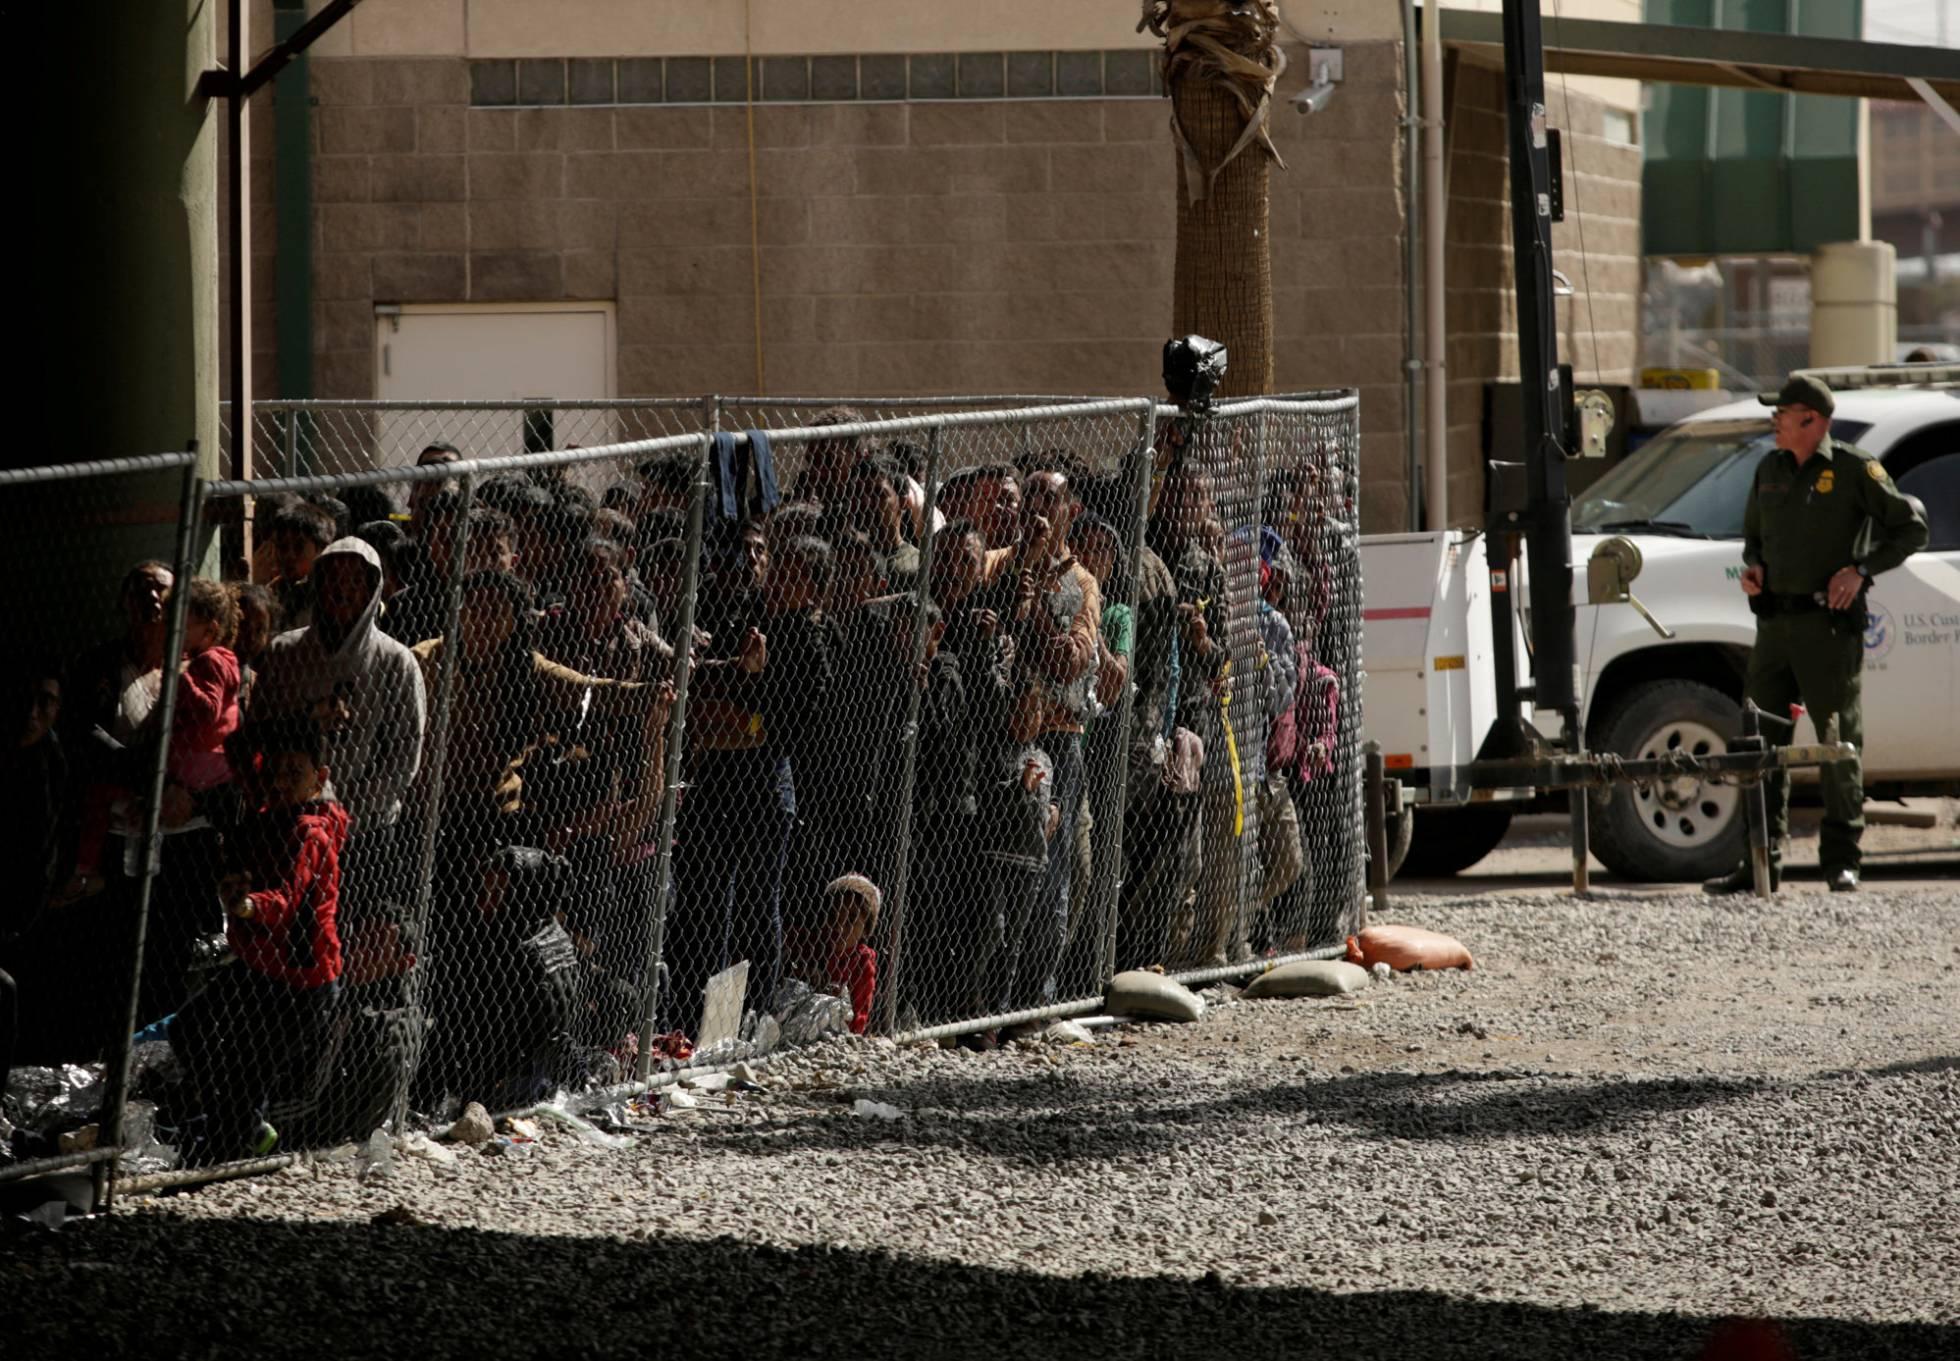 Trump amenaza con cerrar la frontera sur la próxima semana si México no detiene la ola migratoria